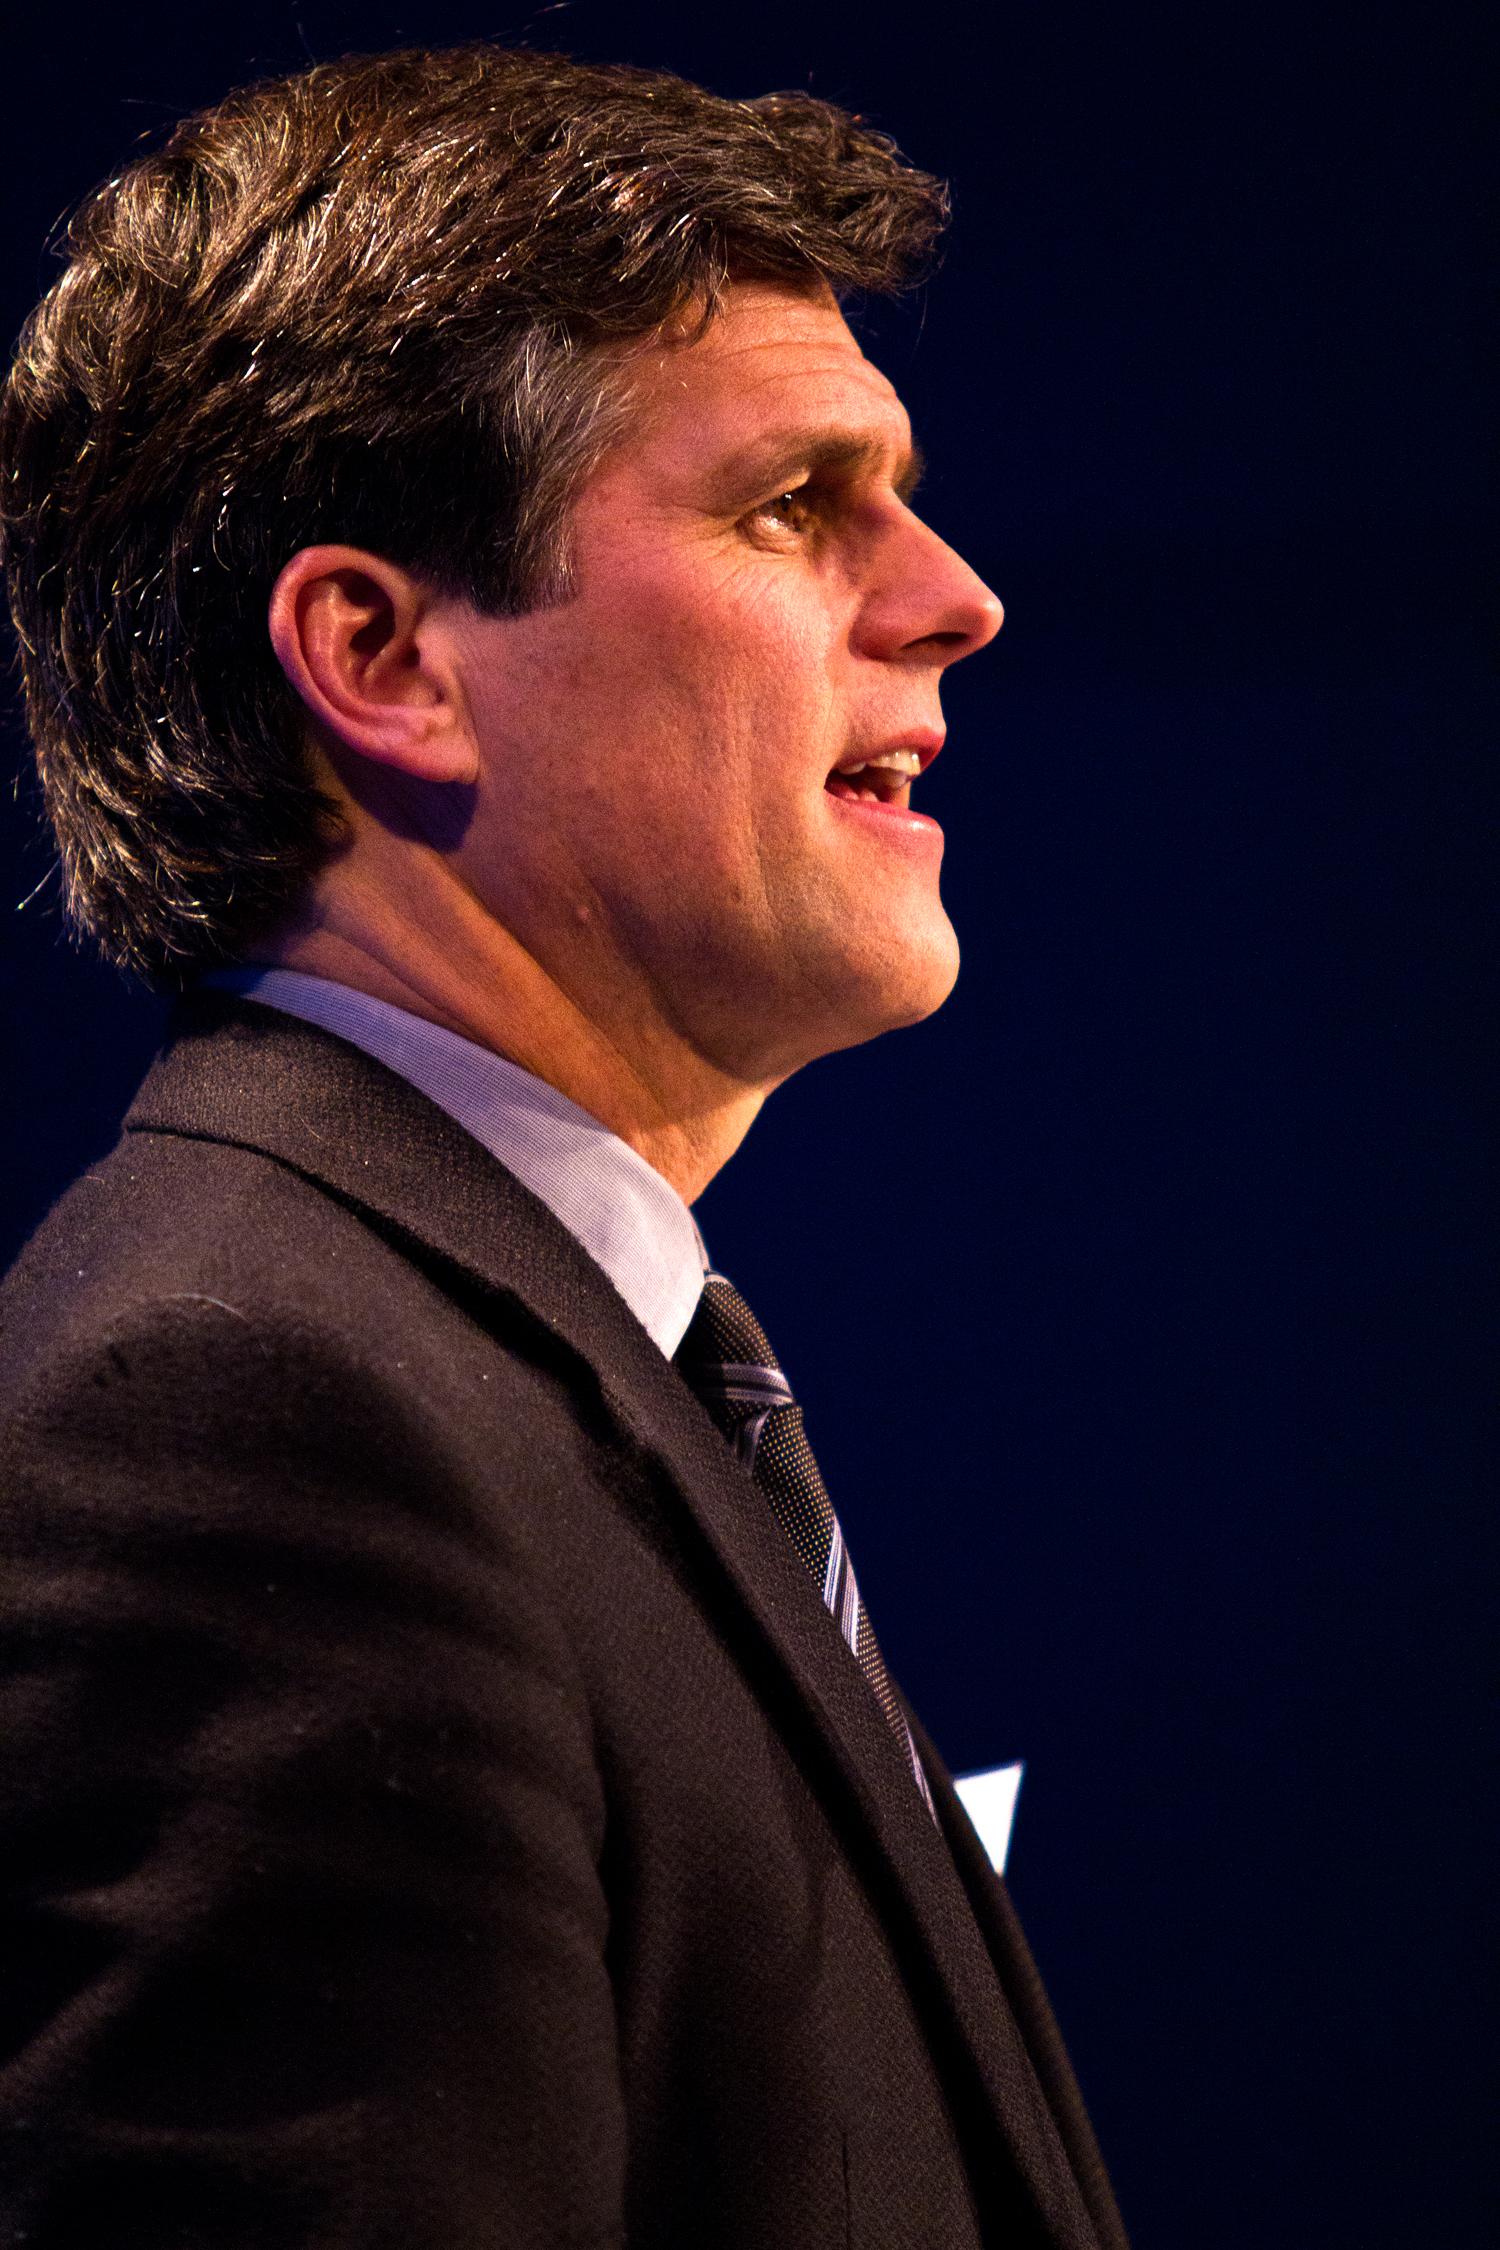 Special Olympics CEO Tim Shriver